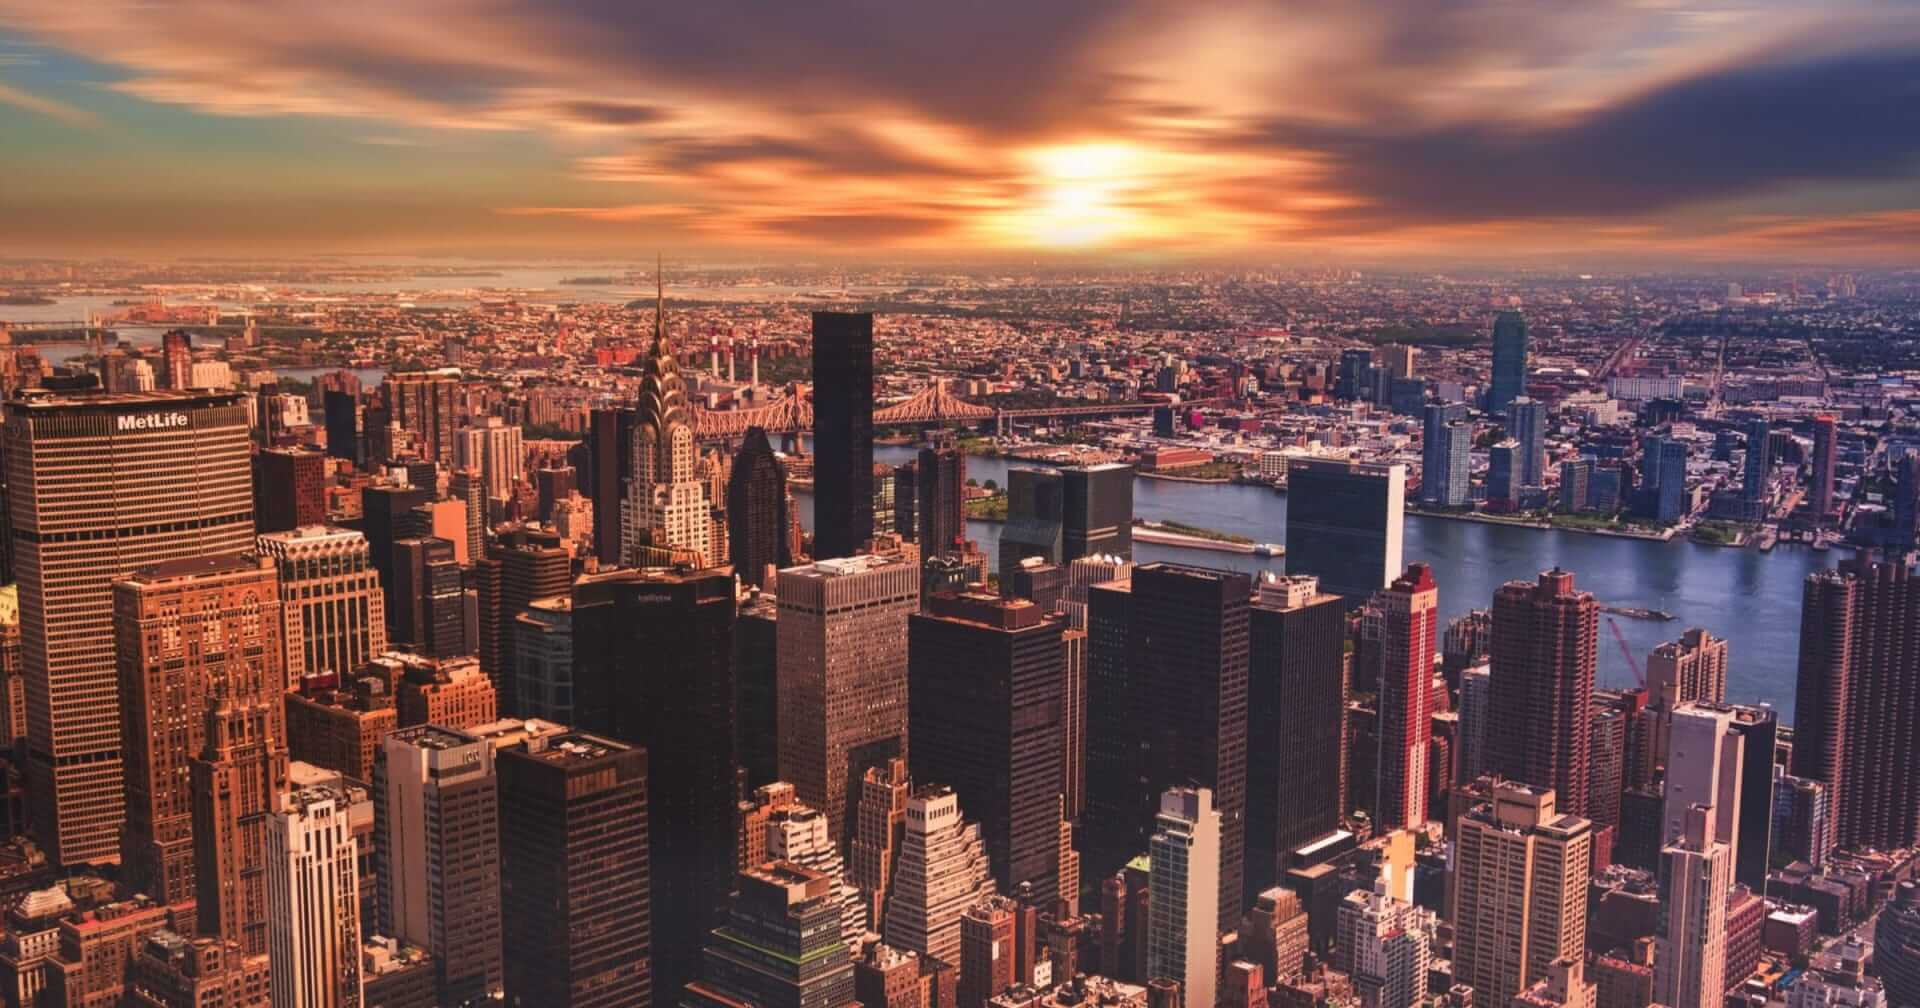 7 načela za izgradnju boljih gradova by Peter Calthorpe